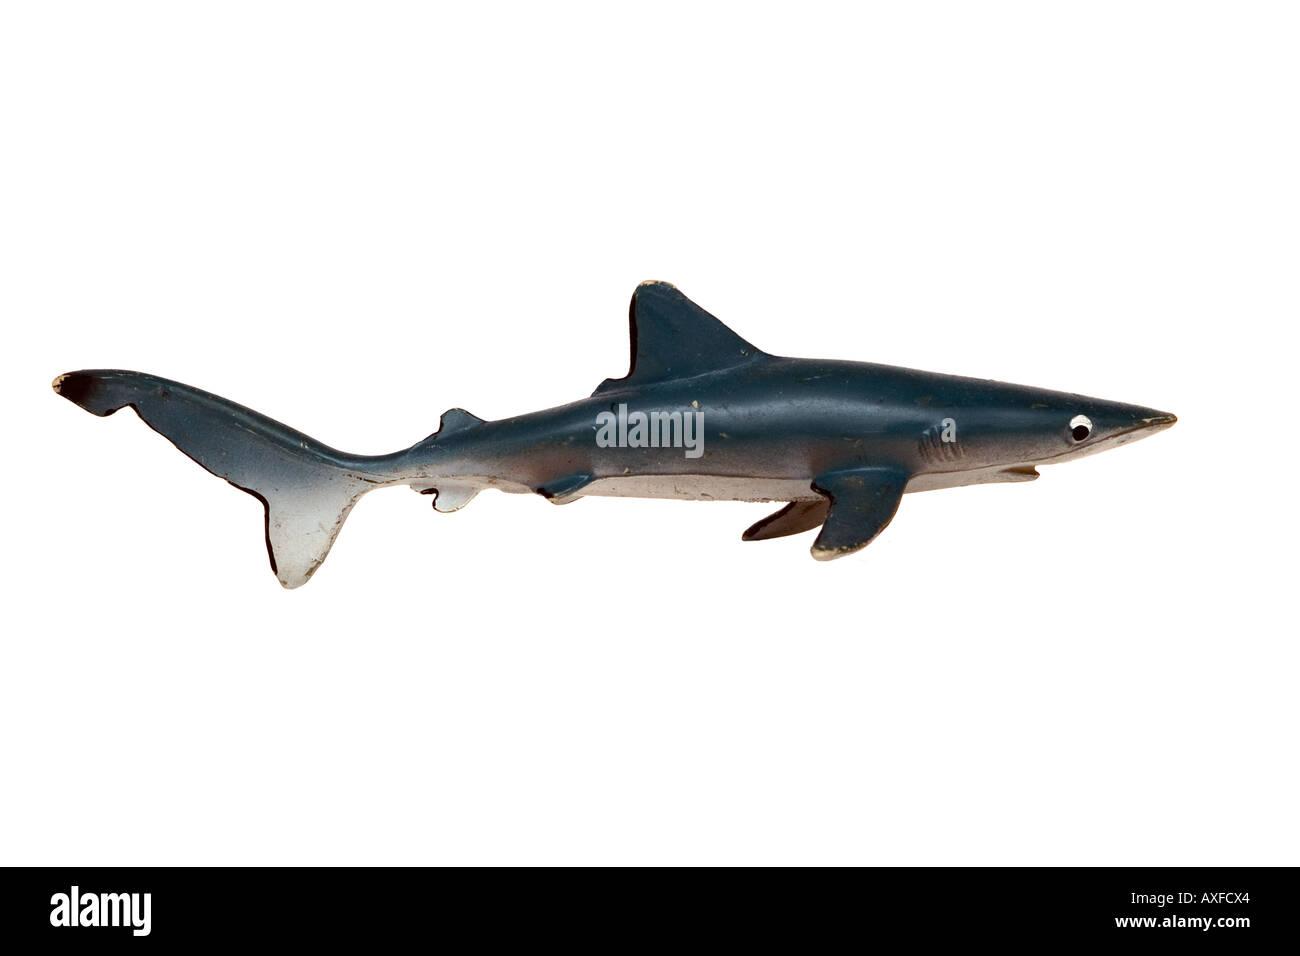 shark toy stock photos u0026 shark toy stock images alamy